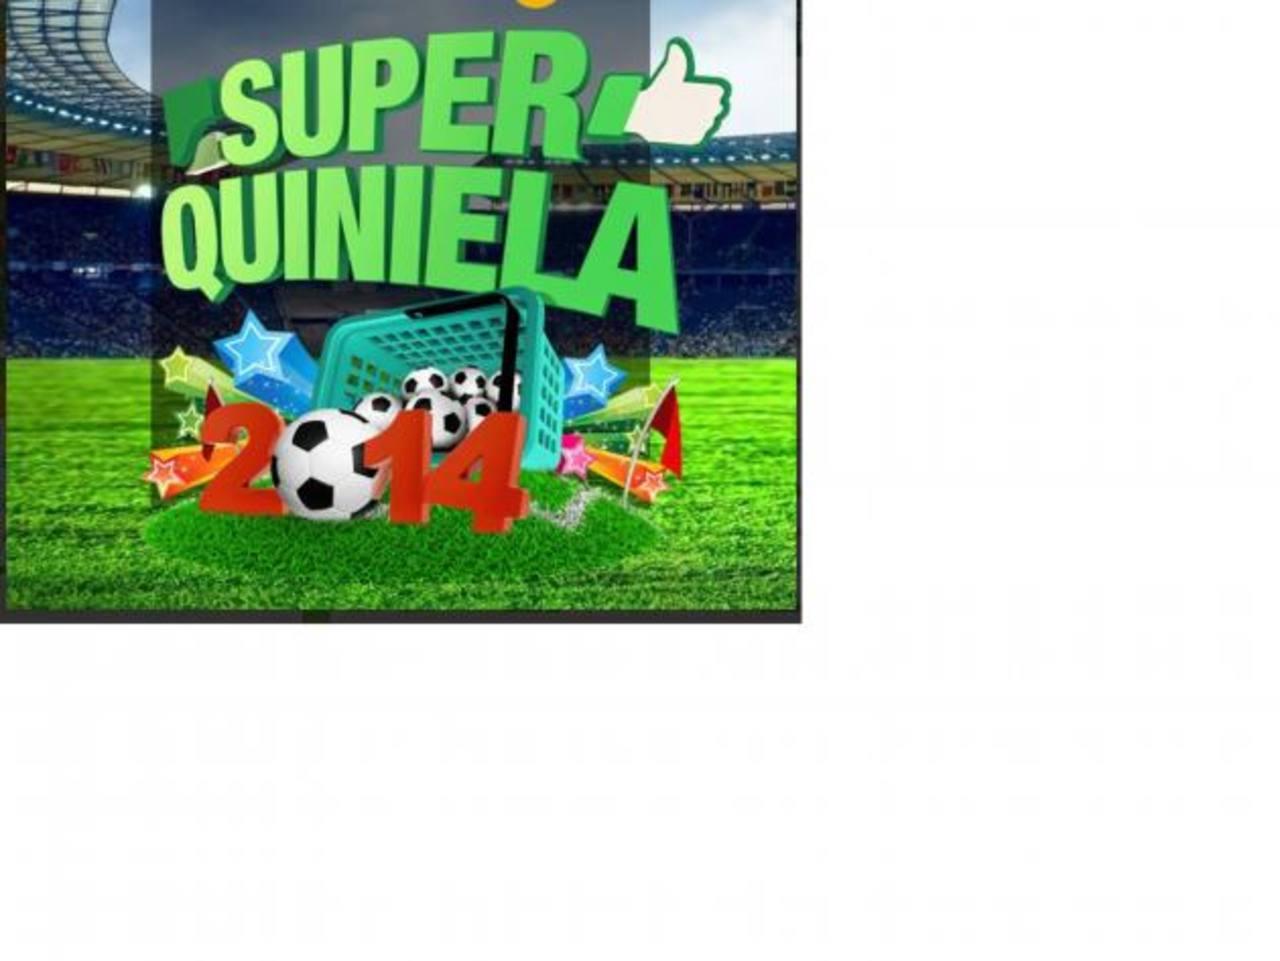 Diferentes marcas patrocinarán los premios de la Súper Quiniela 2014. Foto edh / Archivo